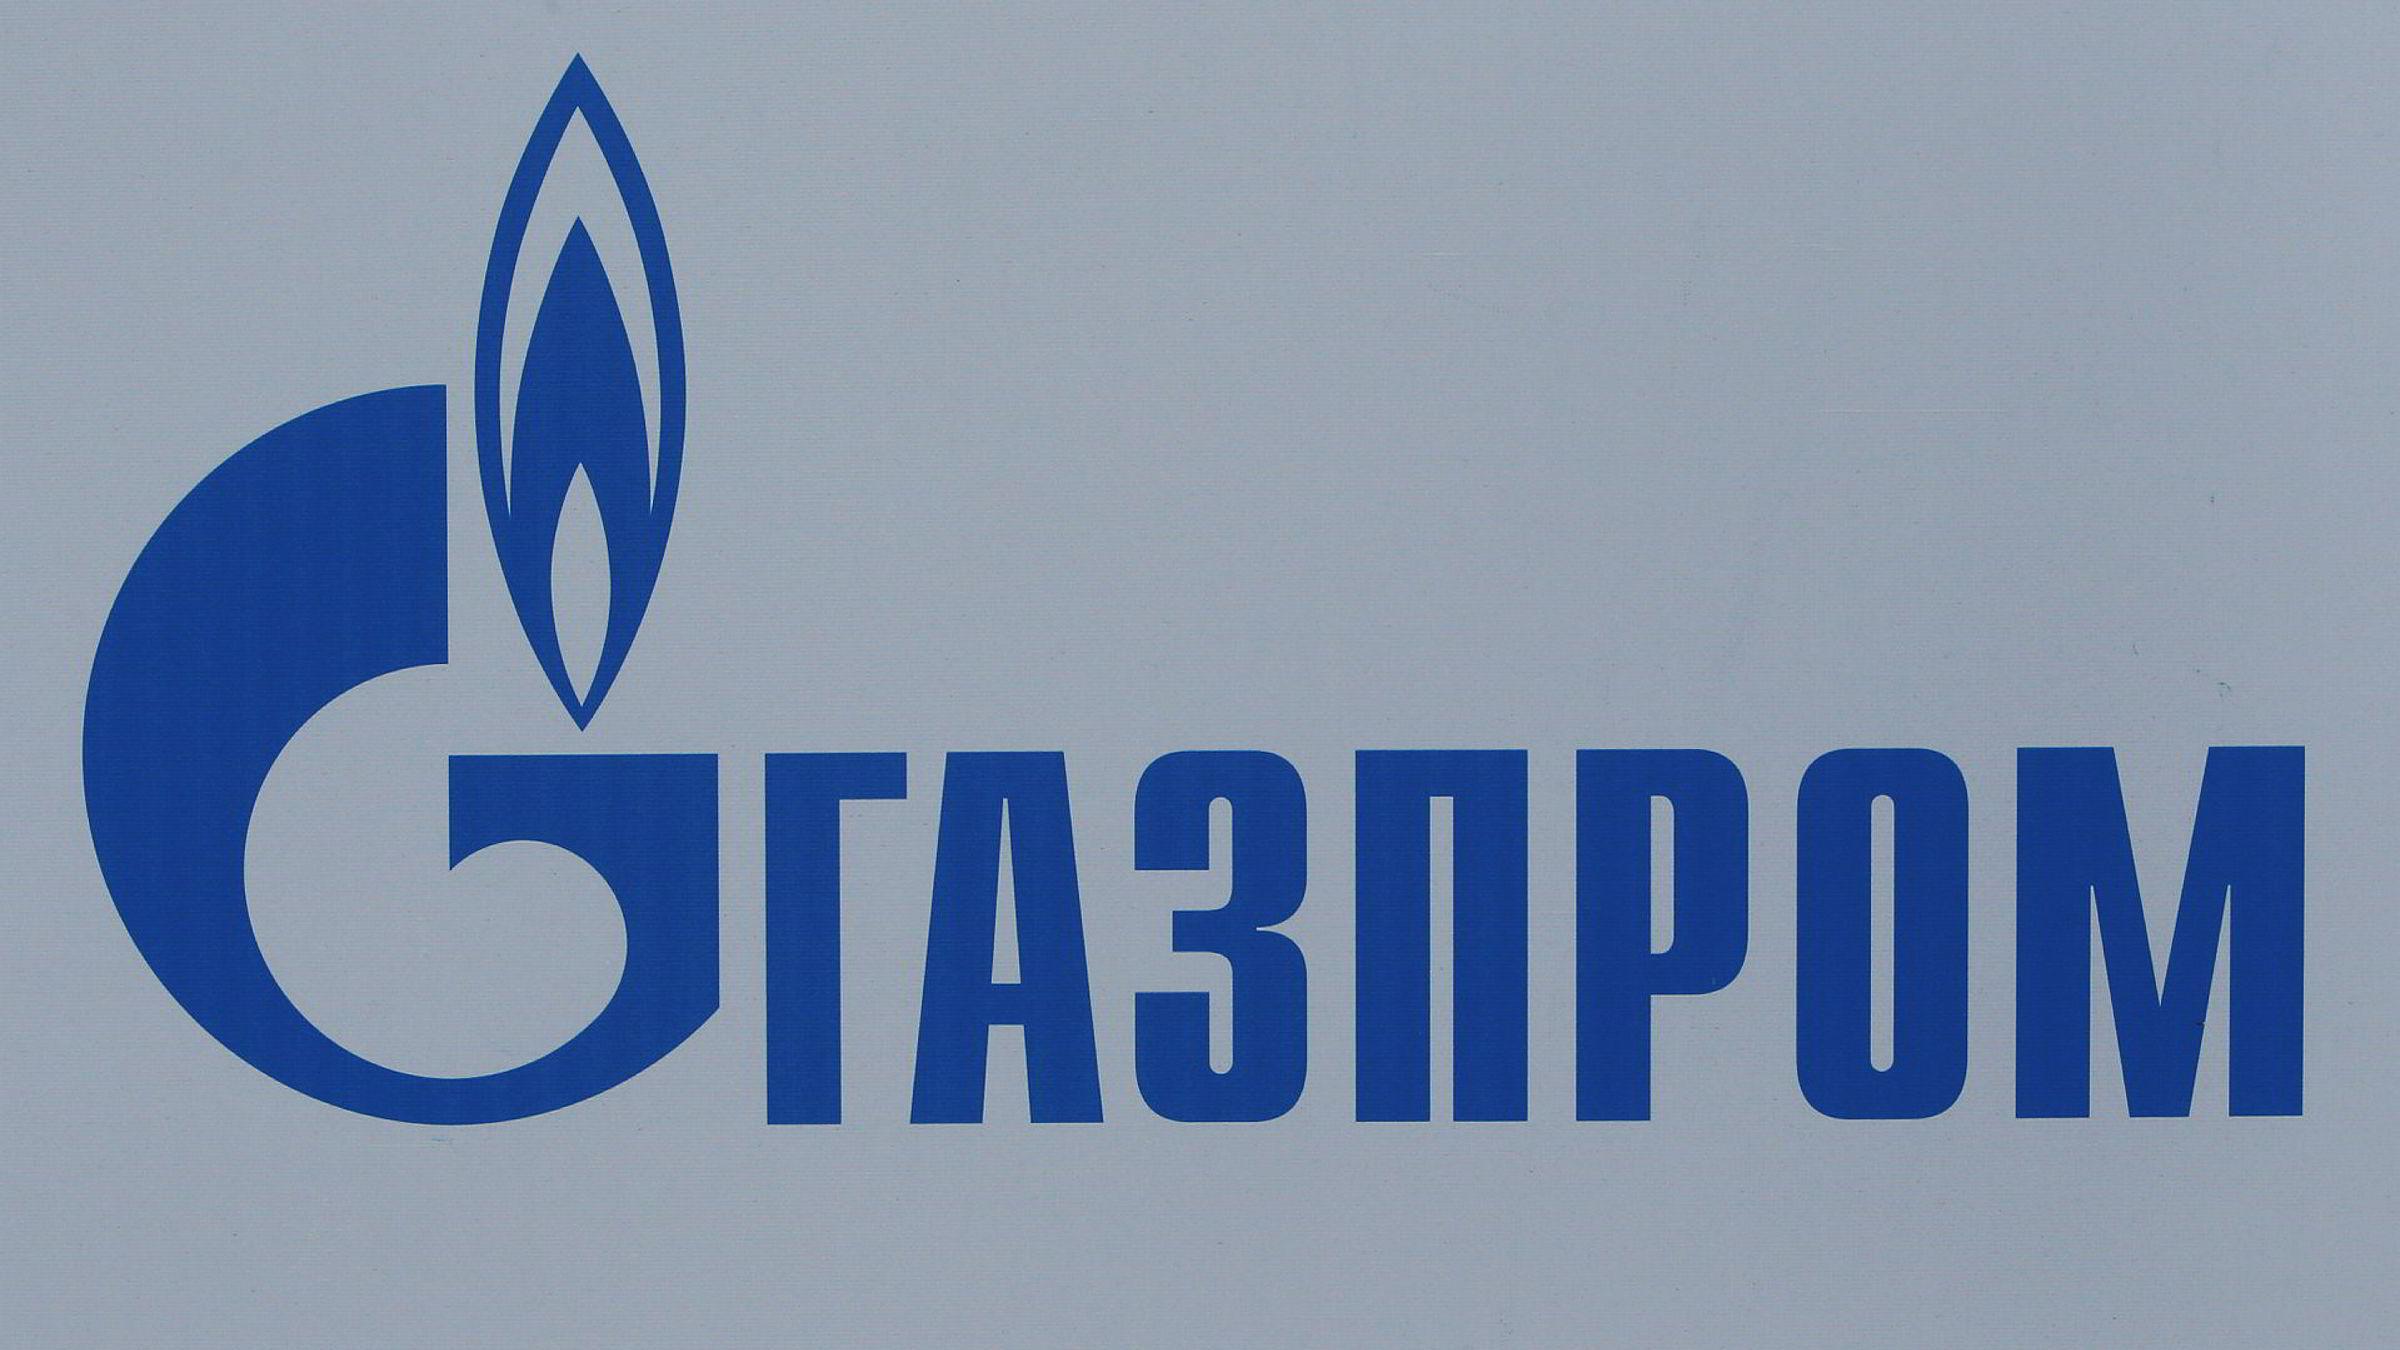 Den delvis statseide russiske gassgiganten Gazprom kal betale rundt 26 milliarder kroner til Ukrainas statlige olje- og gasselskap Naftogaz for å få slutt på en langvarig gasskonflikt.